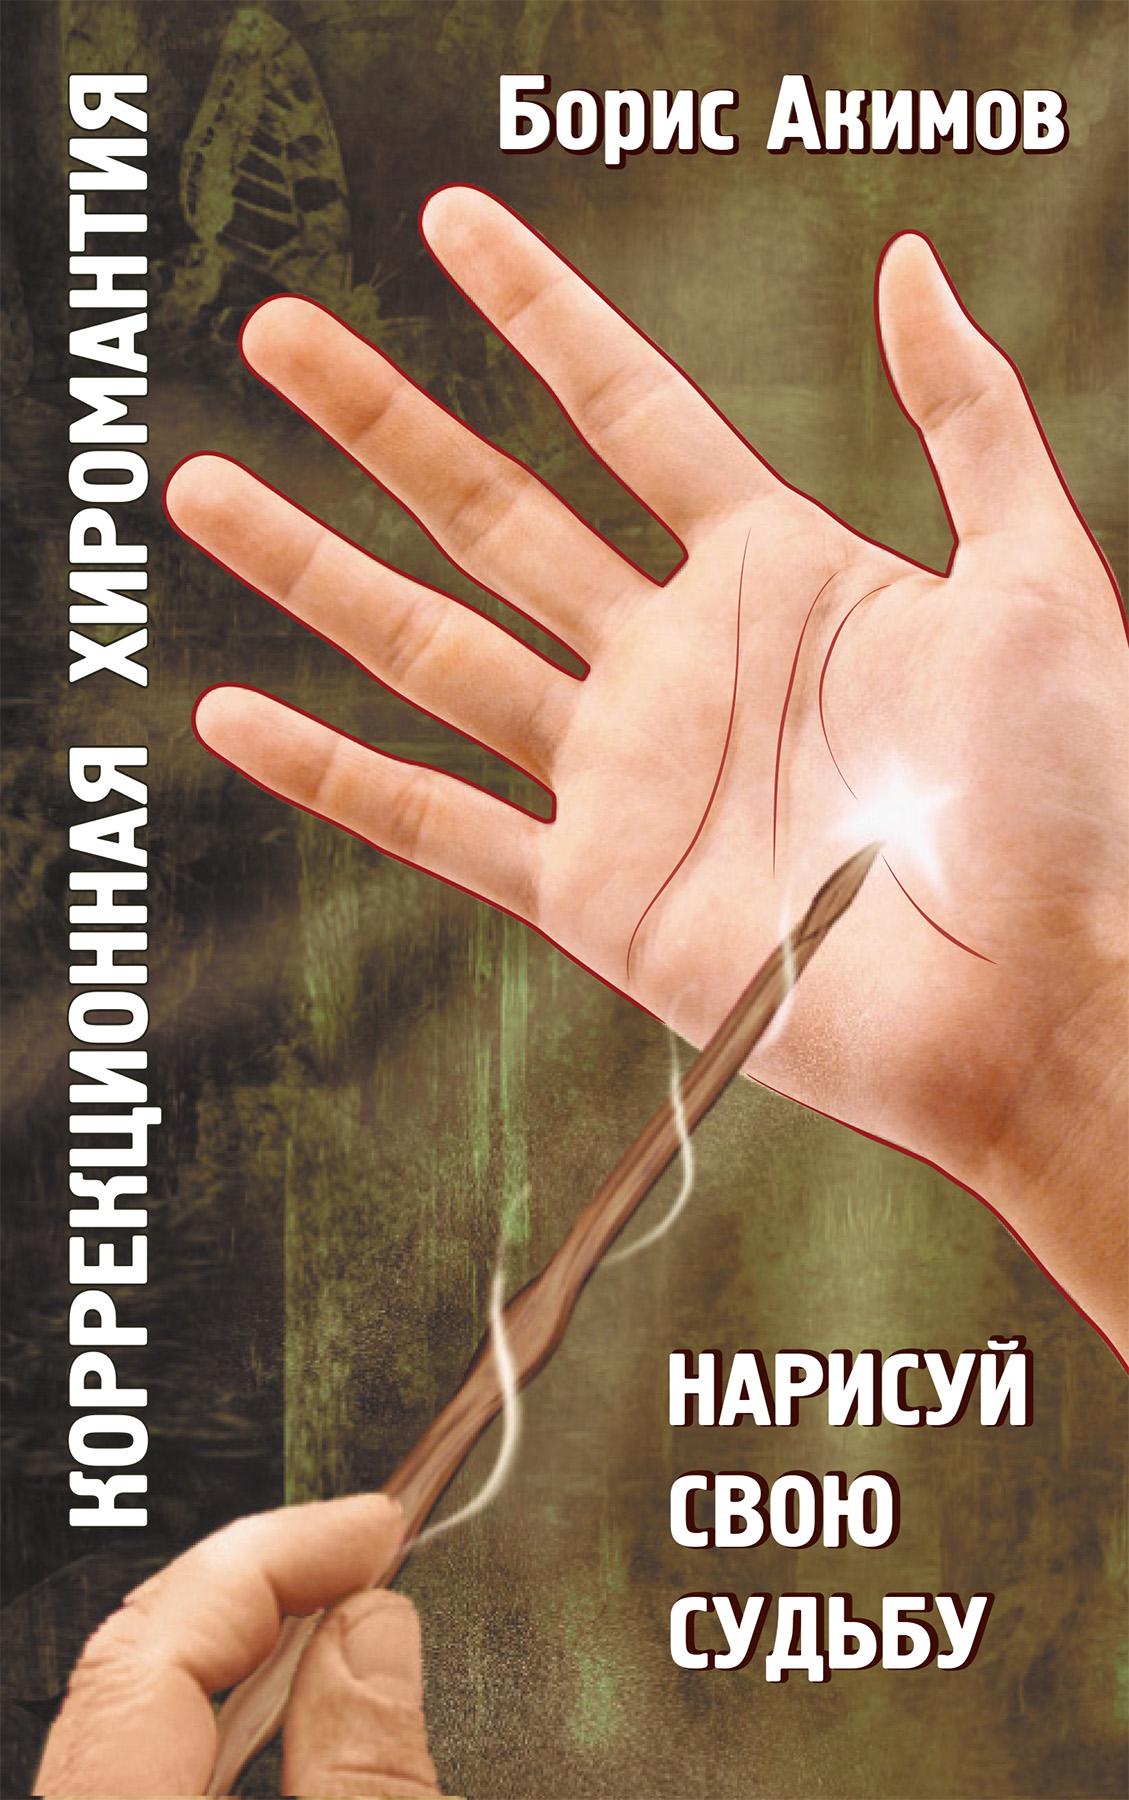 Борис Акимов Коррекционная хиромантия. Нарисуй свою судьбу цена 2017